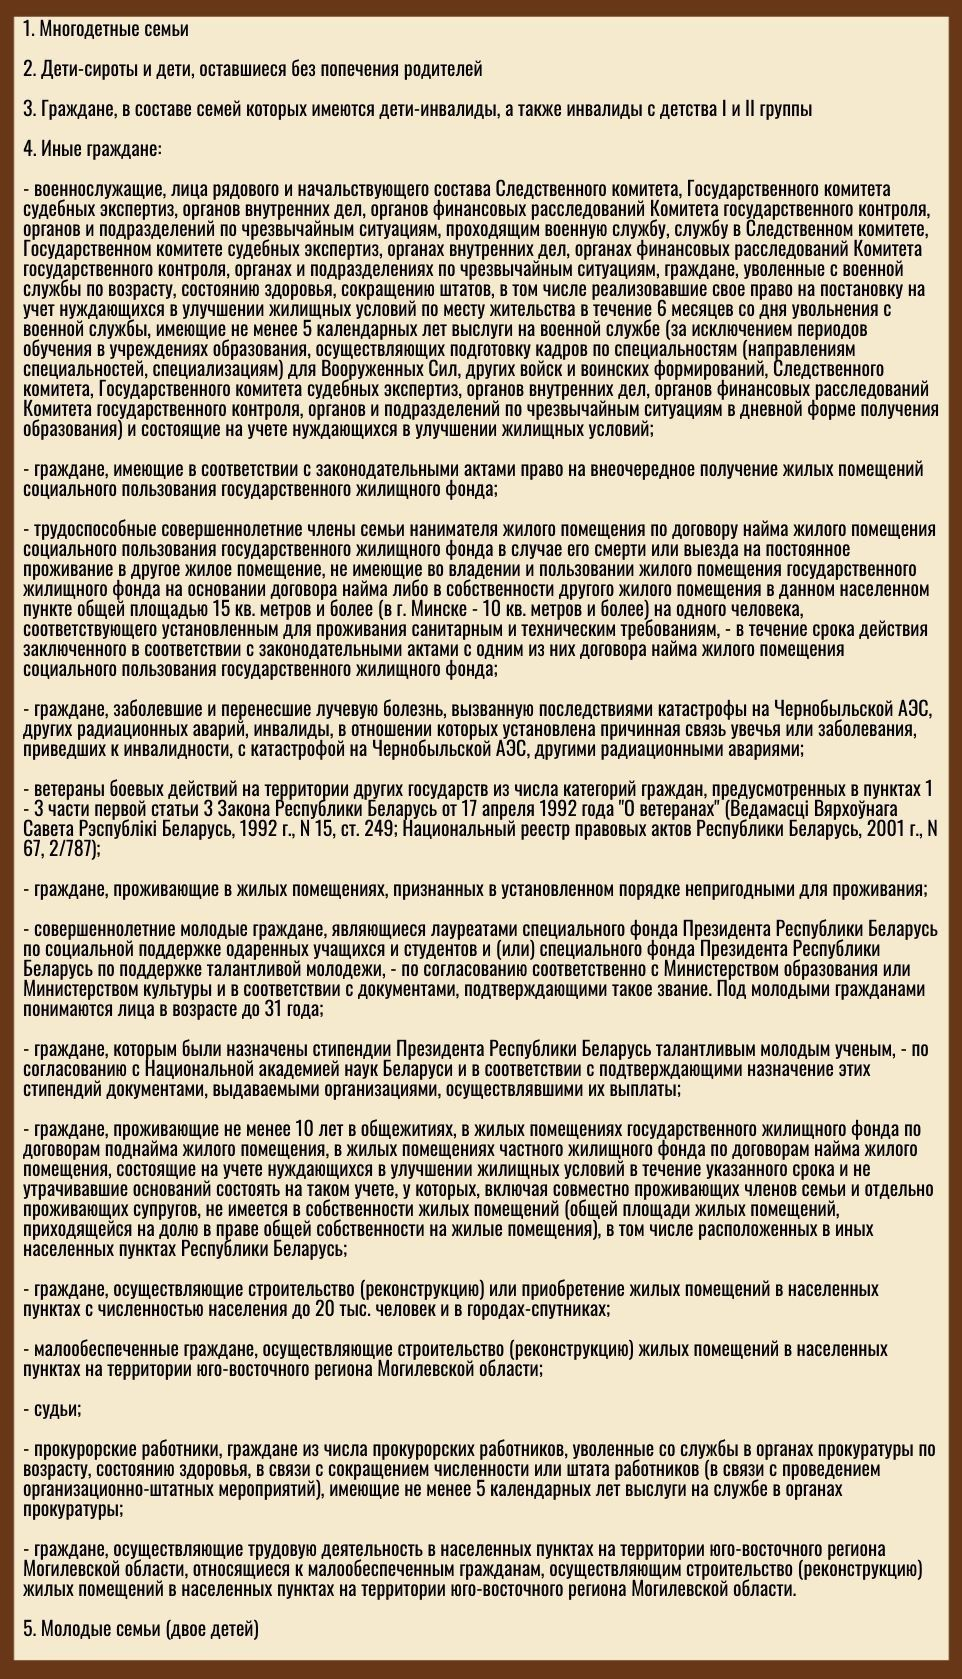 кредит на жилье для молодой семьи в беларуси